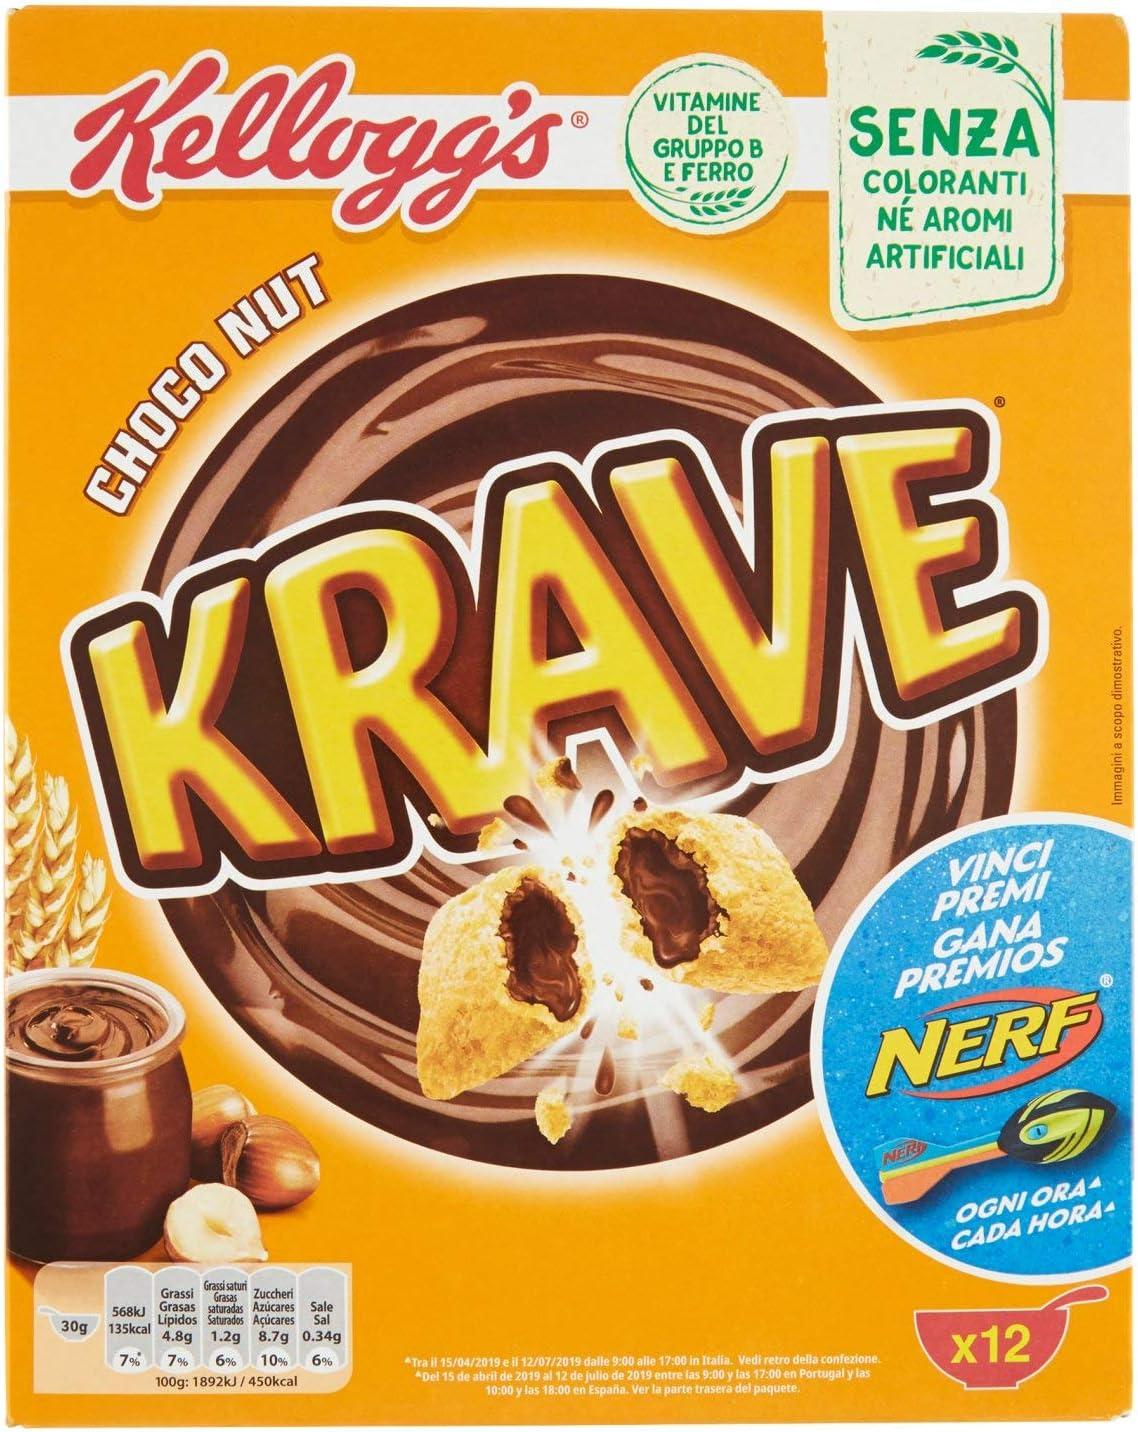 Kellogg's Krave Cereali al Cioccolato, Vitamine B, Ferro - 375 gr